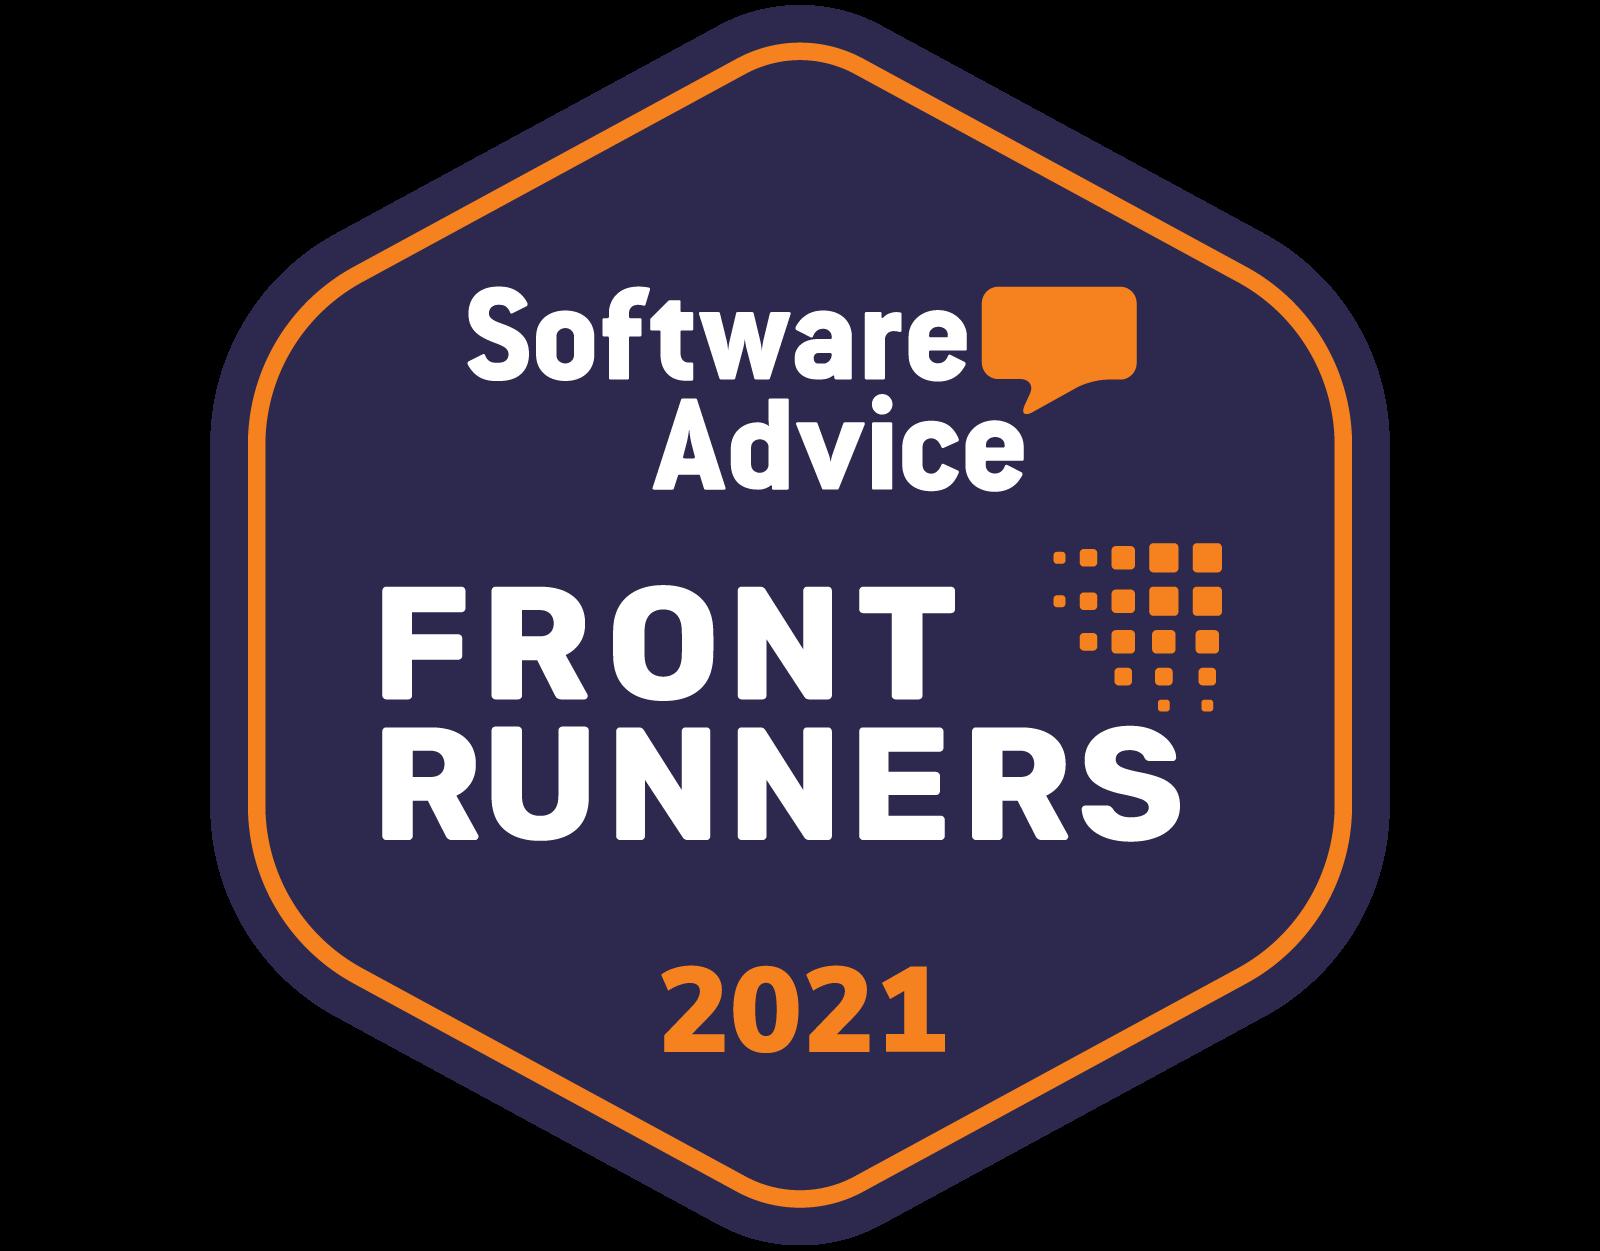 SoftwareAdvice_FrontRunners-1